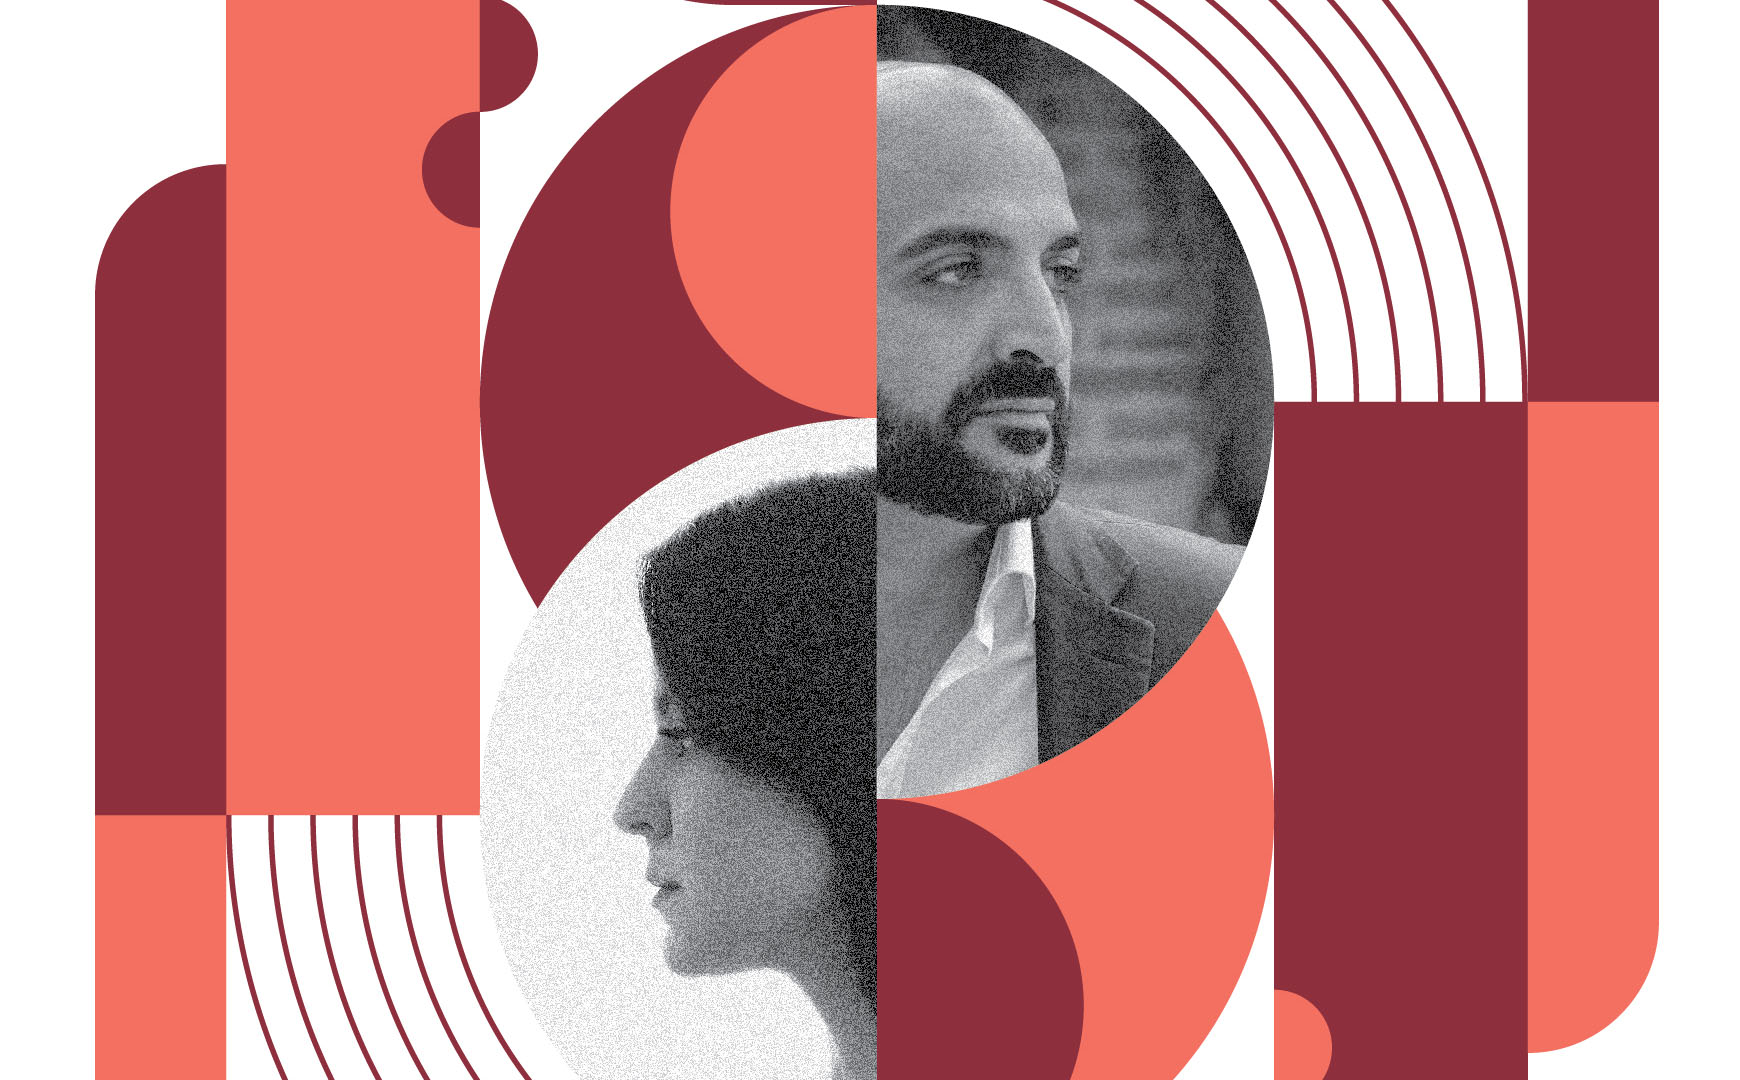 """""""Μια βραδιά στην όπερα"""", στο Δημοτικό Θέατρο Λάρνακας, από την Συμφωνική Ορχήστρα Κύπρου"""